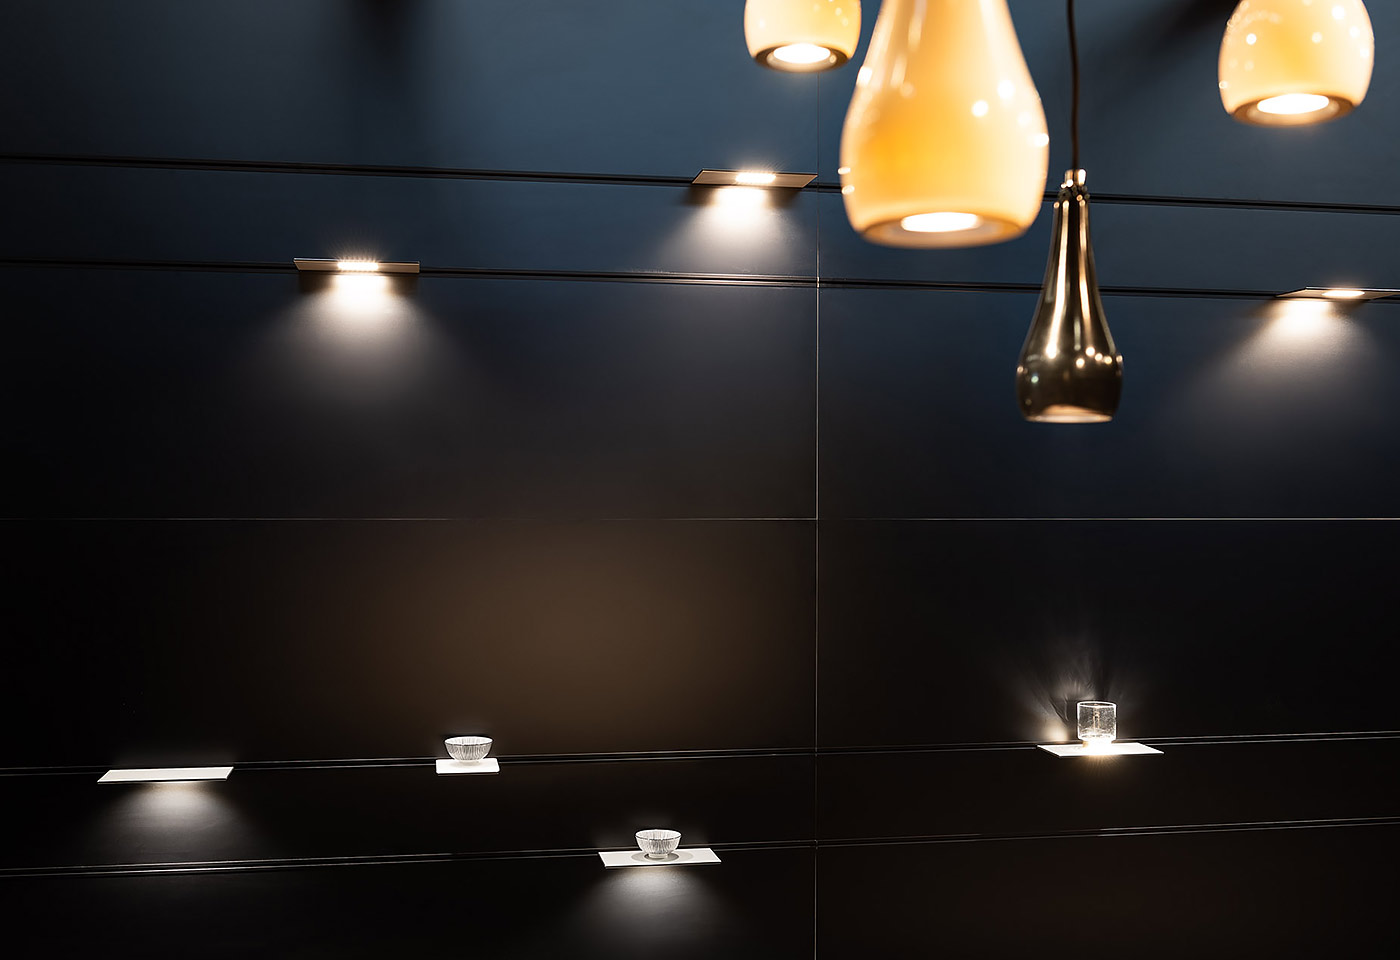 Die schichtig aufgebaute Wand ermöglicht eine individuelle Raumgestaltung. Dabei sind die einzel-nen Elemente der Wand auf jede Grösse anpassbar und bestellbar.